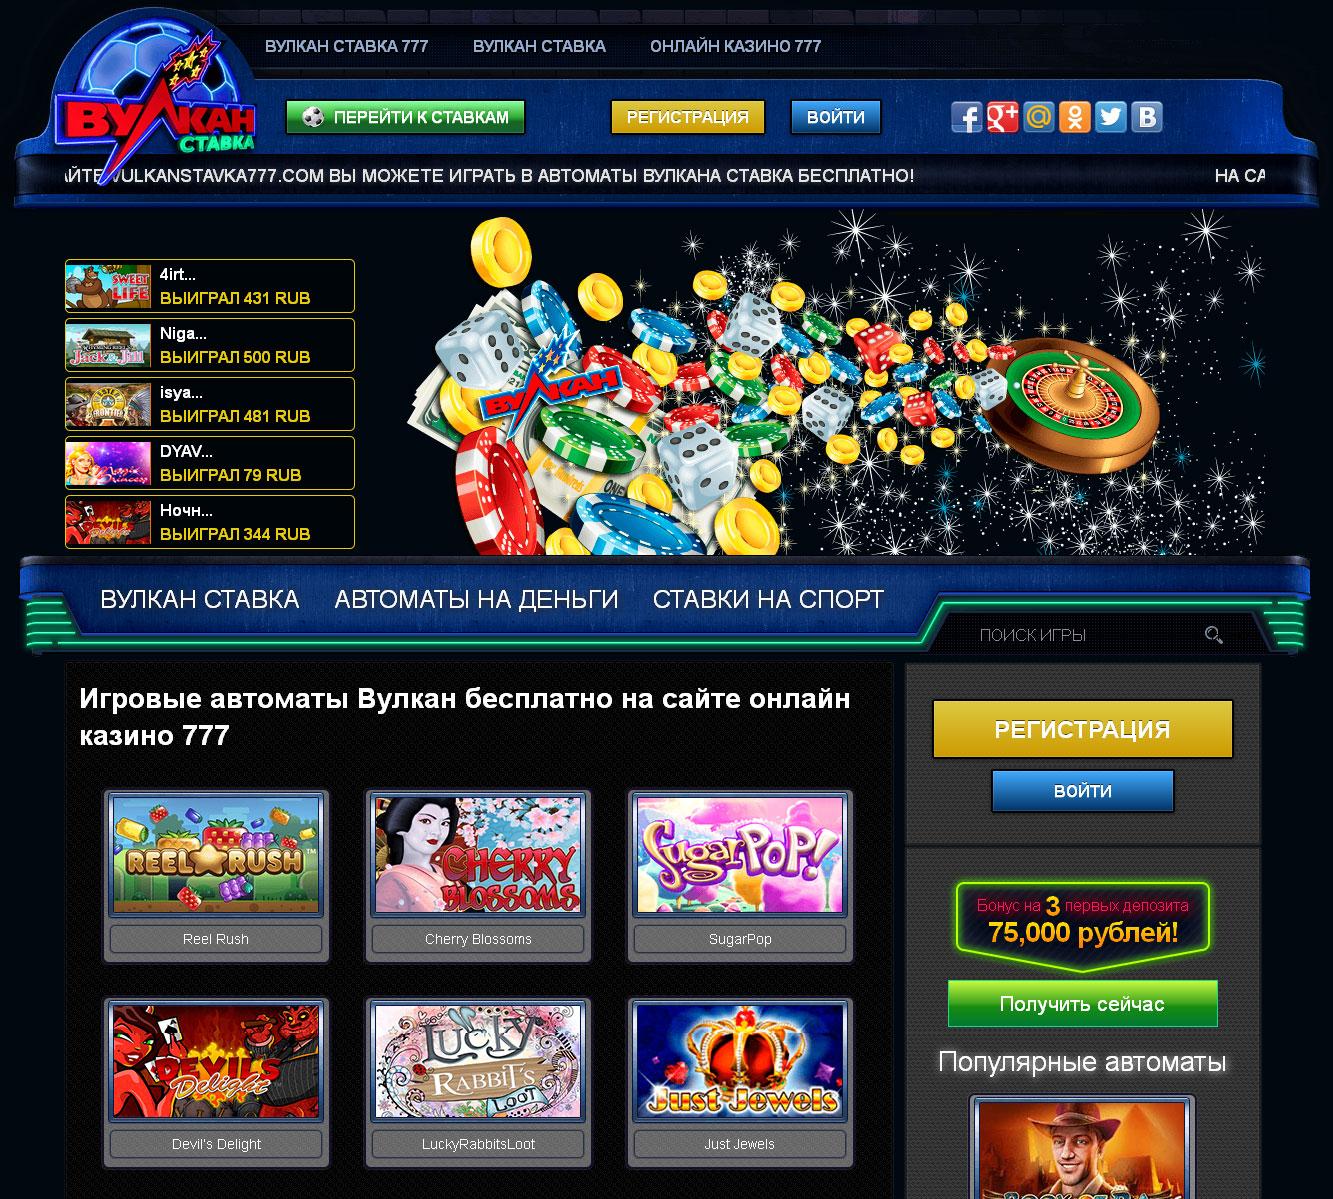 Виртуальные игровые автоматы онлайн без регистрации вулкан игровые автоматы официальный сайт рейтинг слотов рф